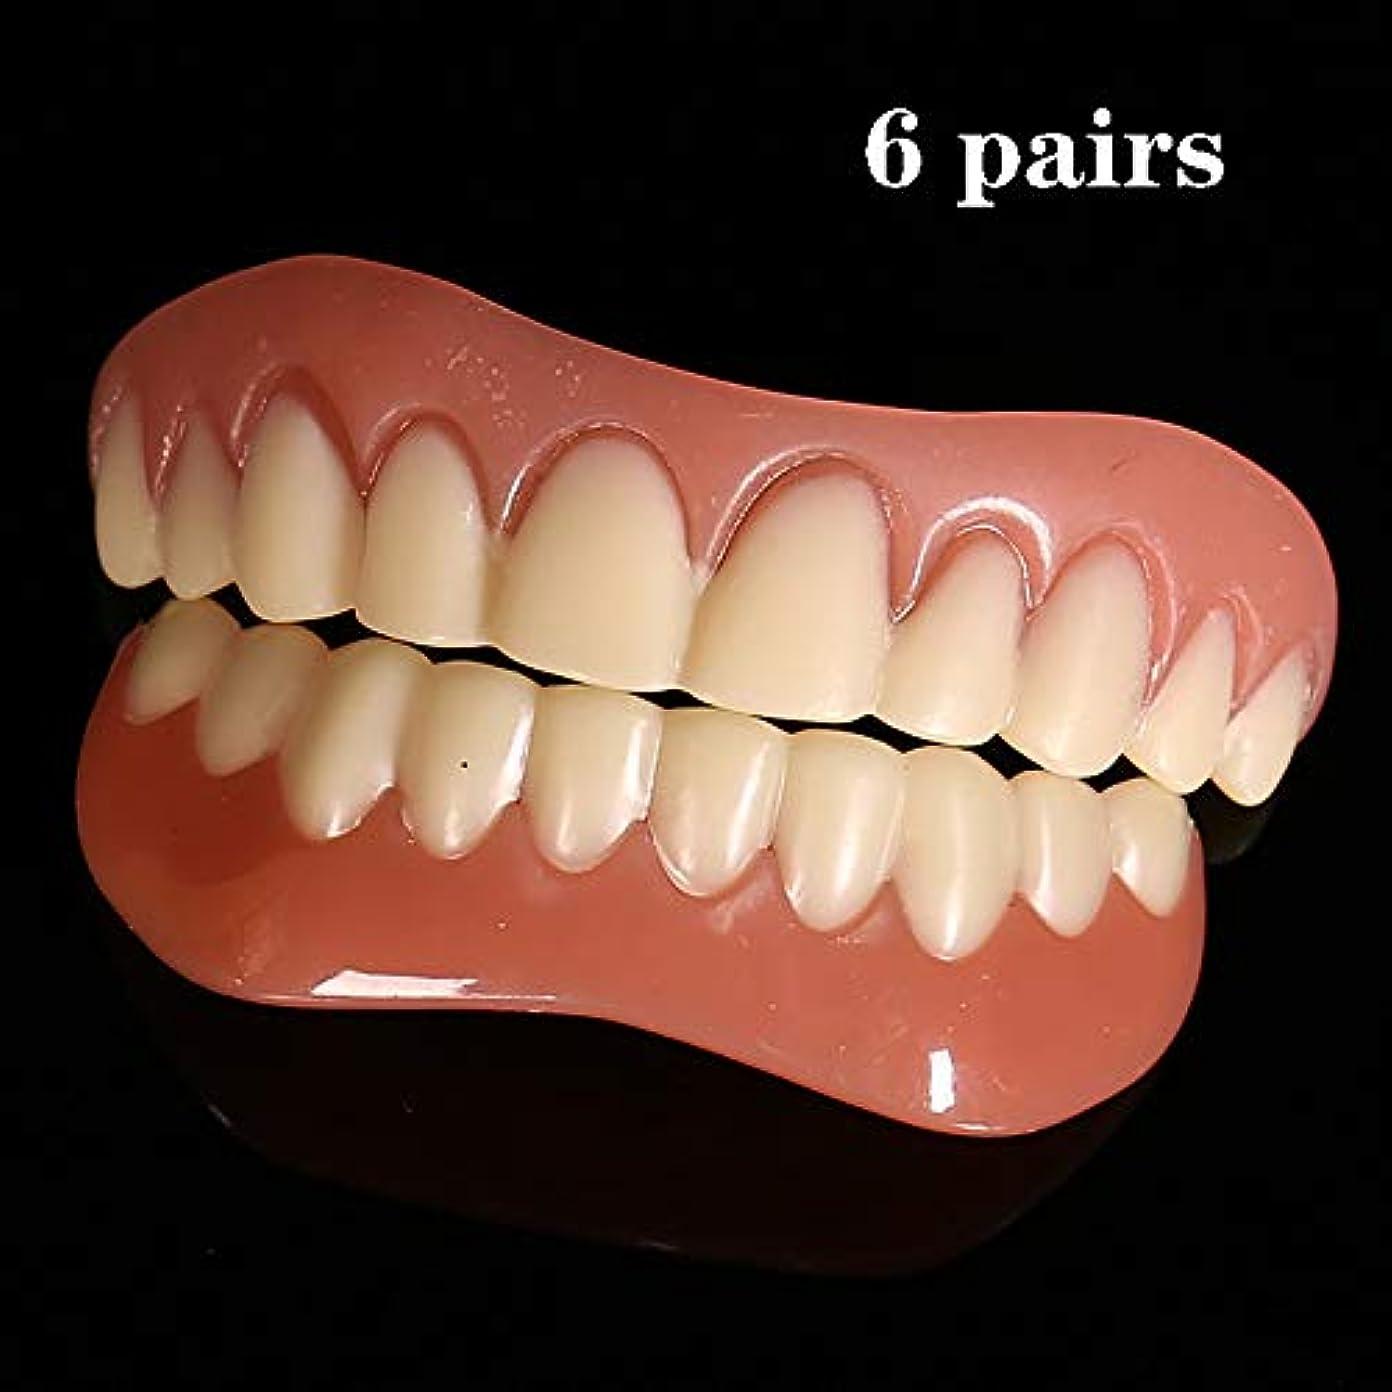 合金克服する言い聞かせる歯のベニヤ化粧品の歯スナップオンセキュア6ペア上下の快適さフィット歯のベニヤセキュアインスタントスマイル化粧品ワンサイズ全ての義歯ケアツールにフィット